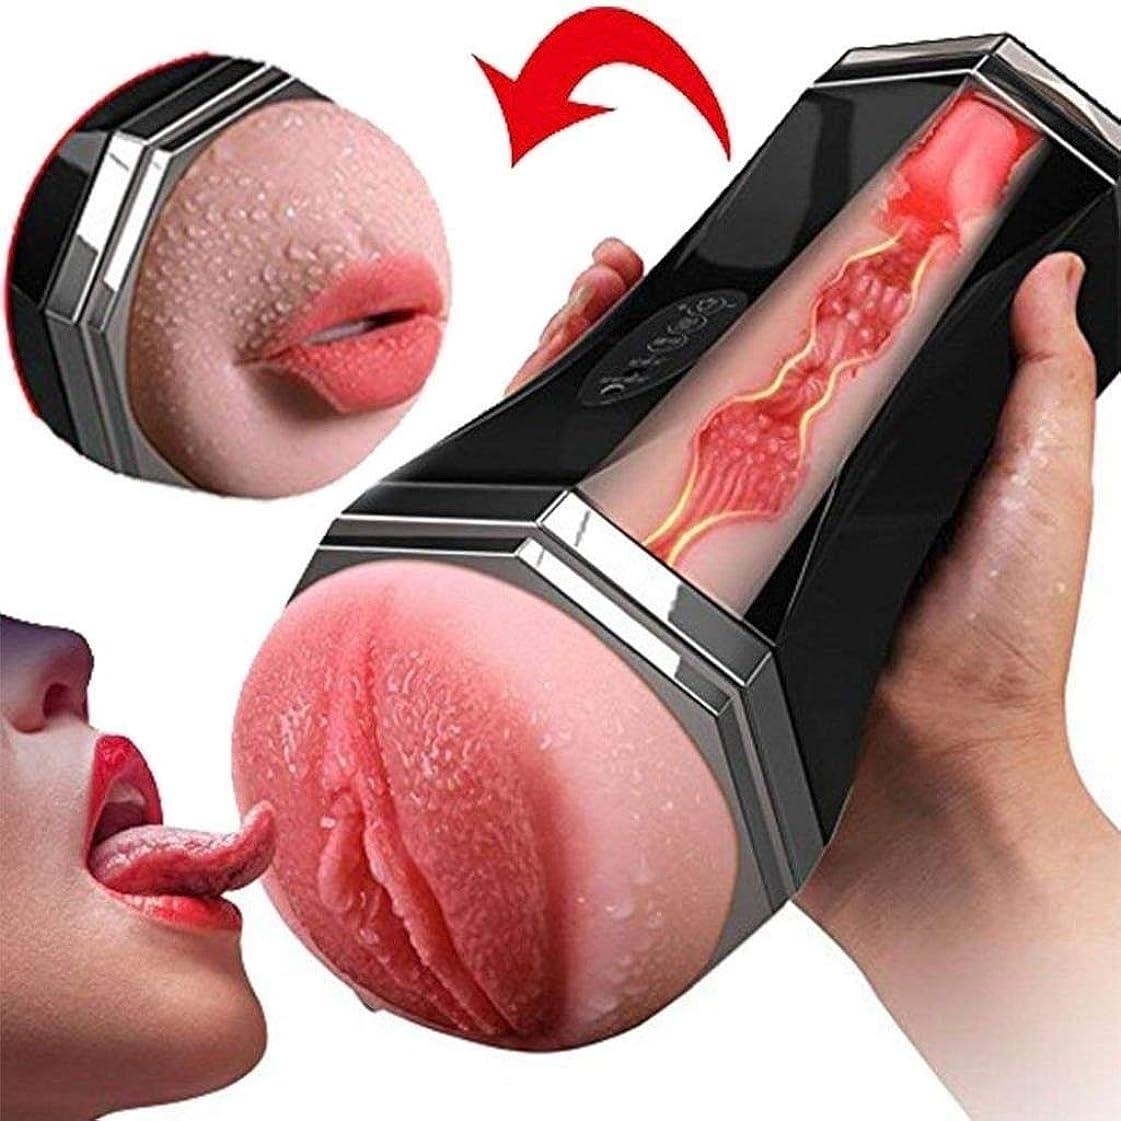 レーザ資源マイクロDFChenXi ボディディープマッスルマッサージ男性のための8の強力な振動吸引モードで振動ポケットBlouwJ?bデバイスリラクゼーションカップ おもちゃ